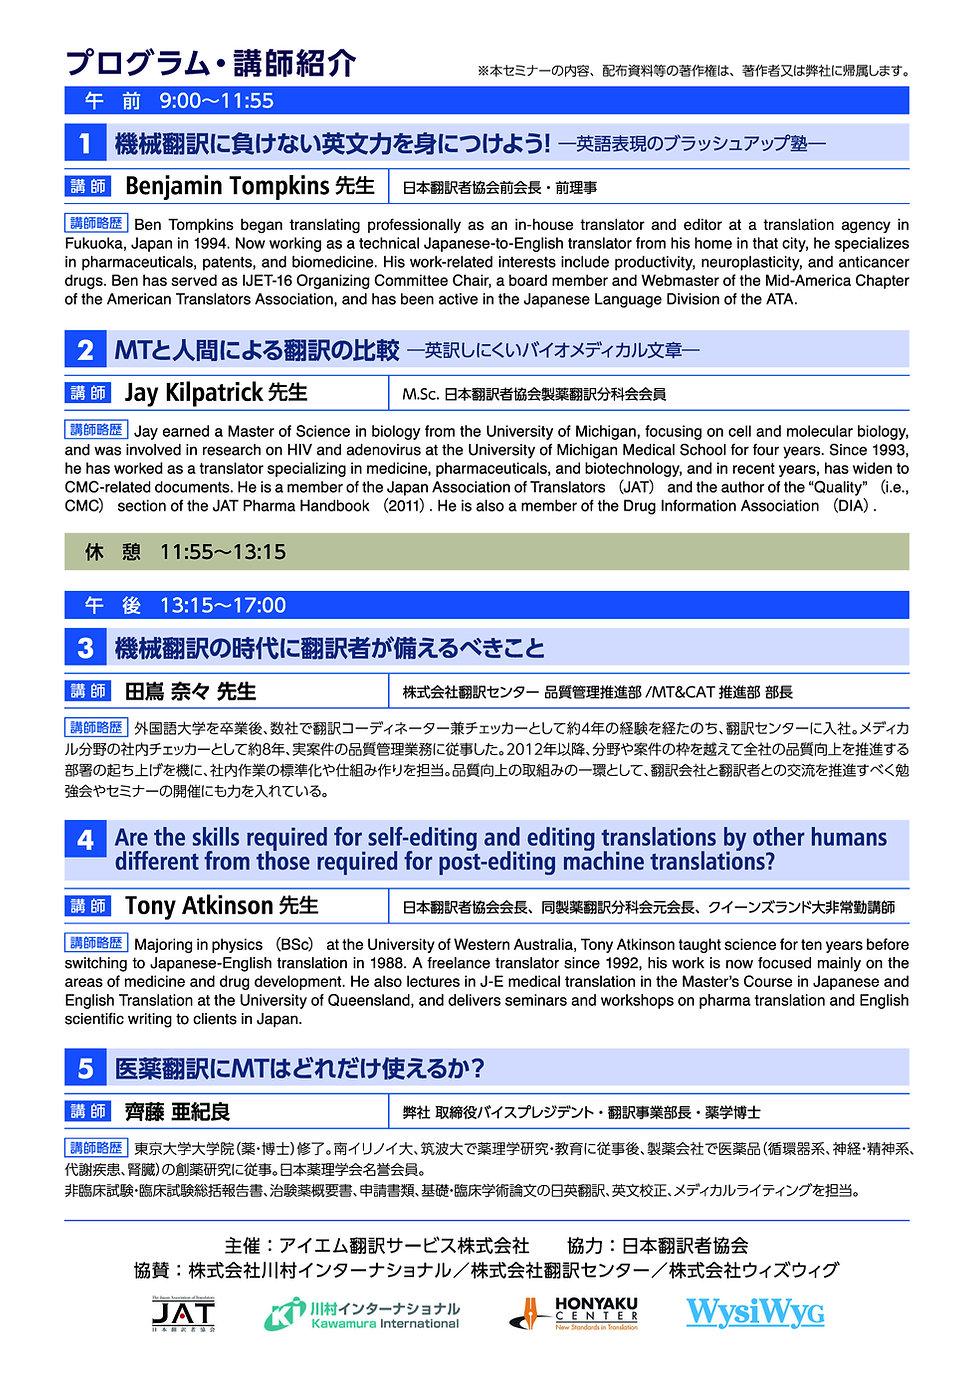 9_seminar_1_ページ_2.jpg